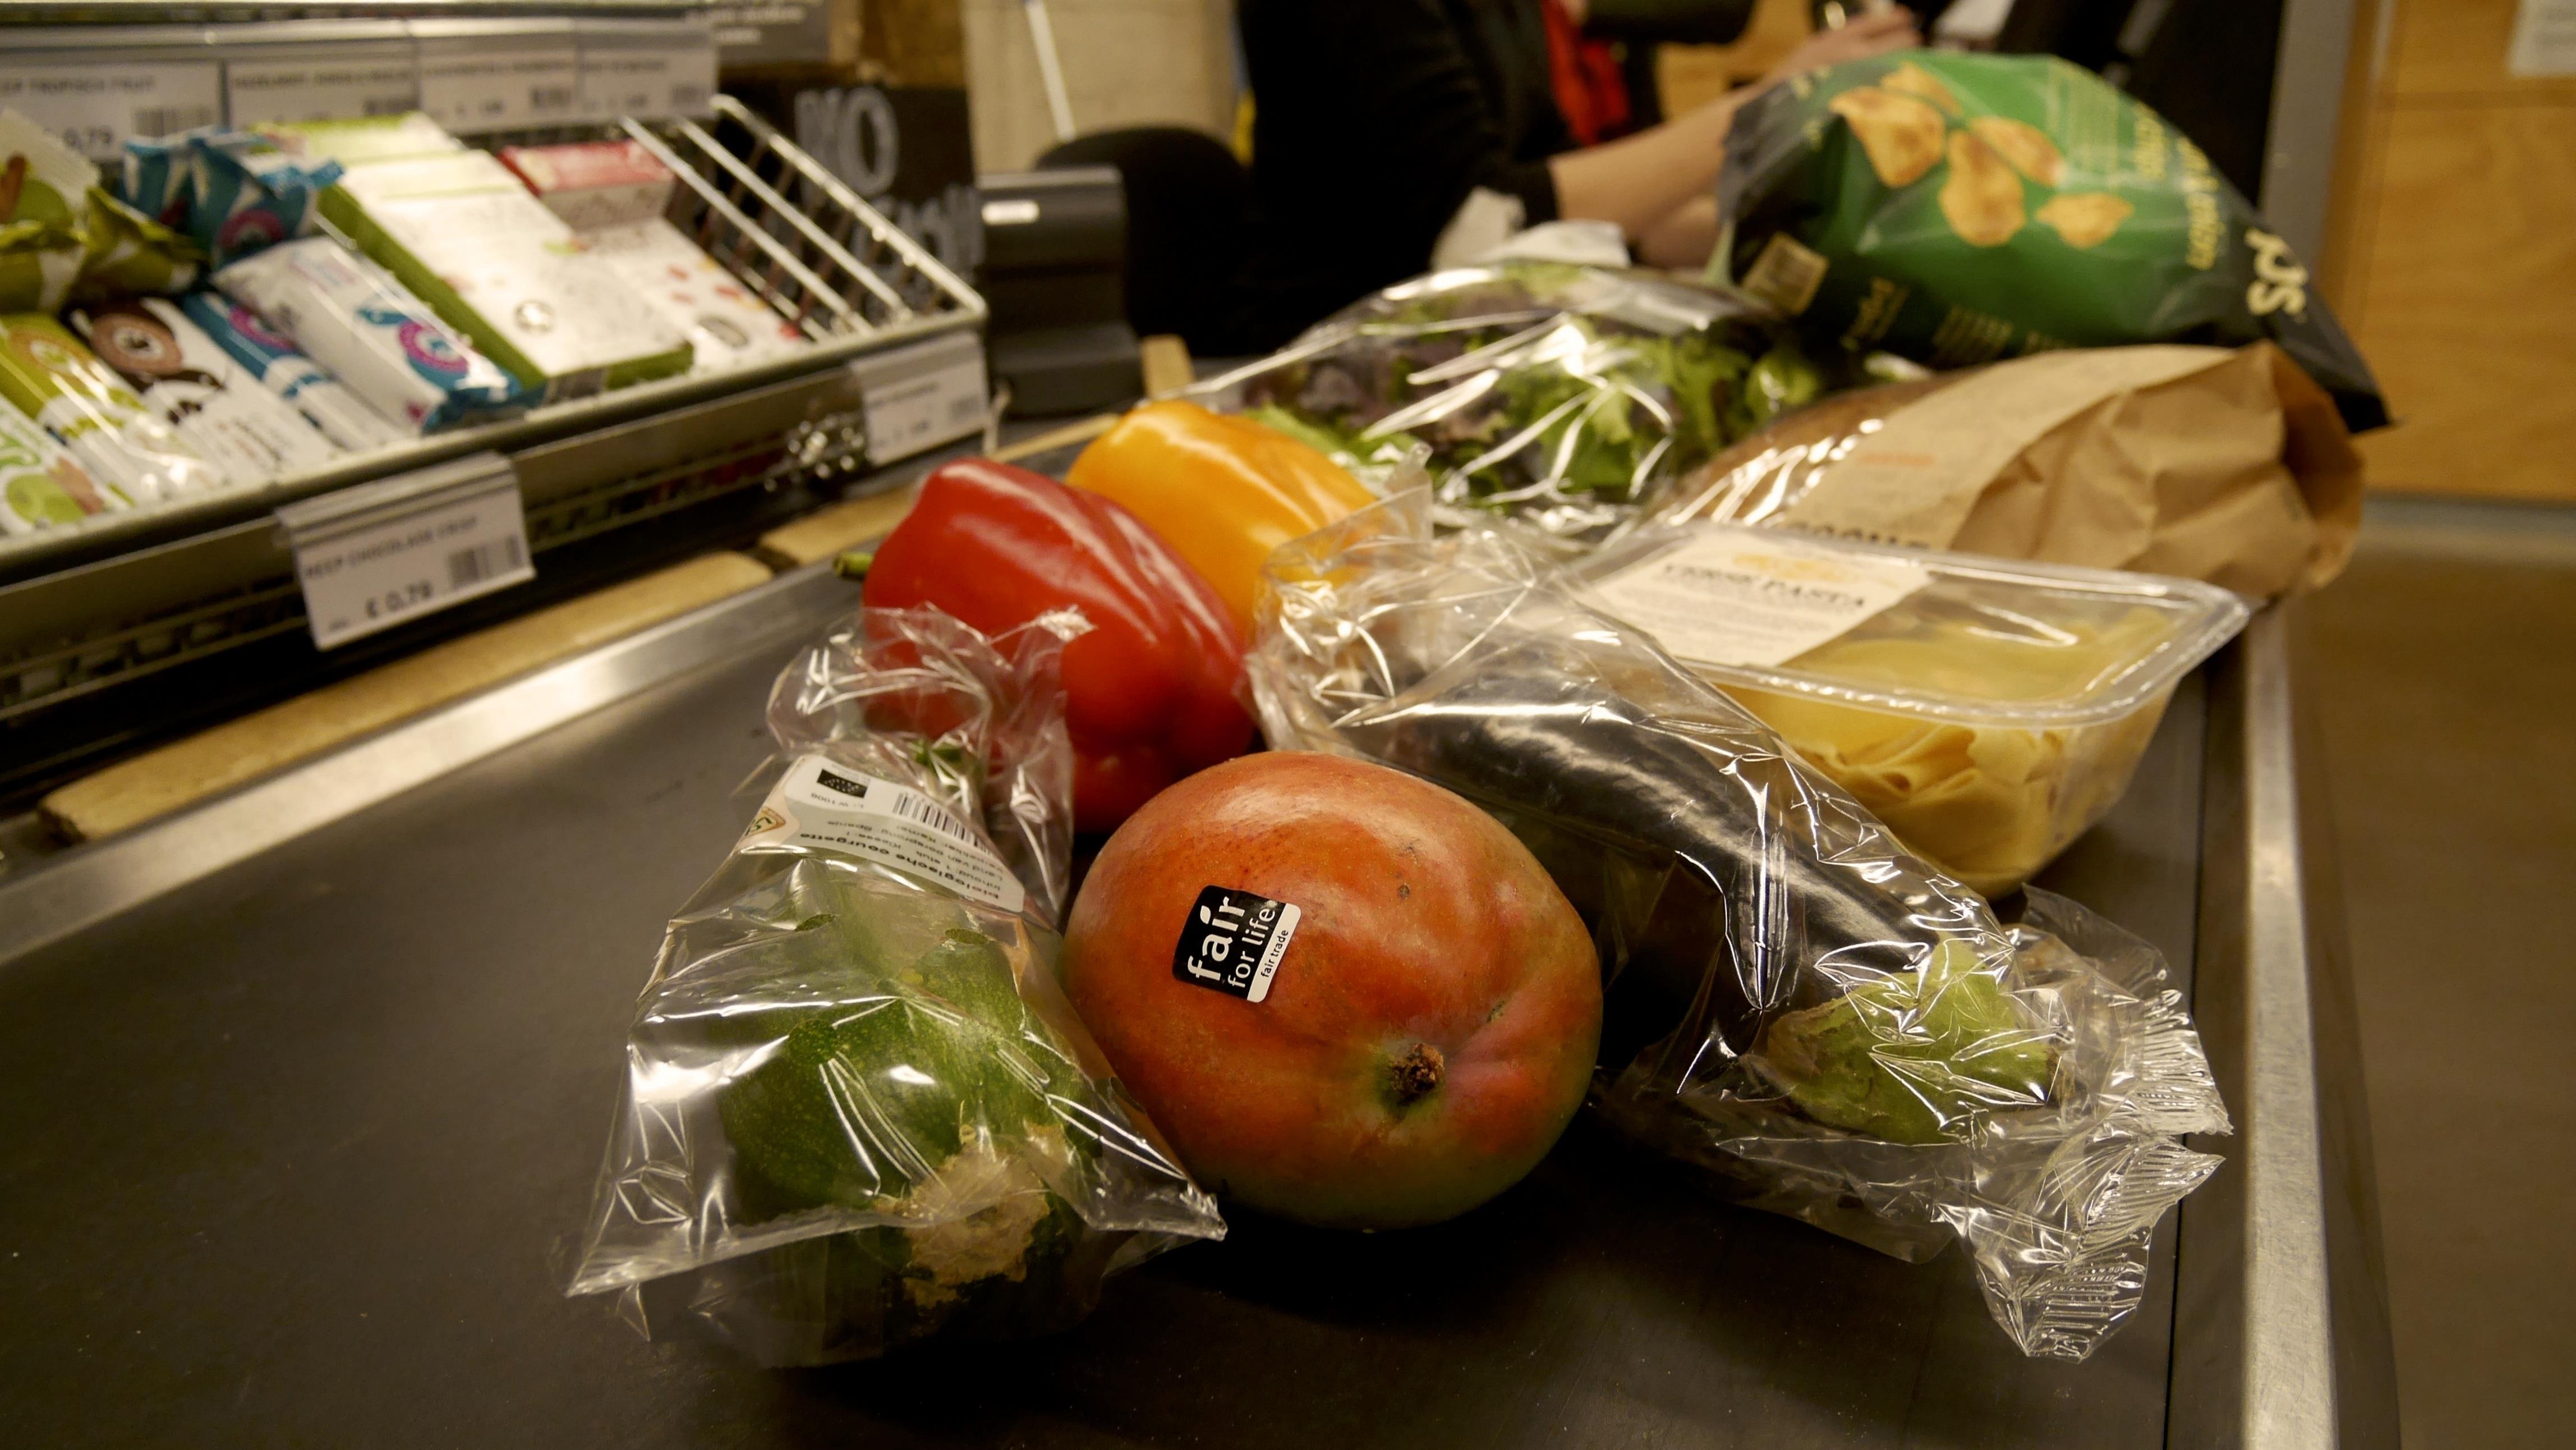 Supermarkten in meerderheid van gemeenten in overijssel for Koopzondag hengelo